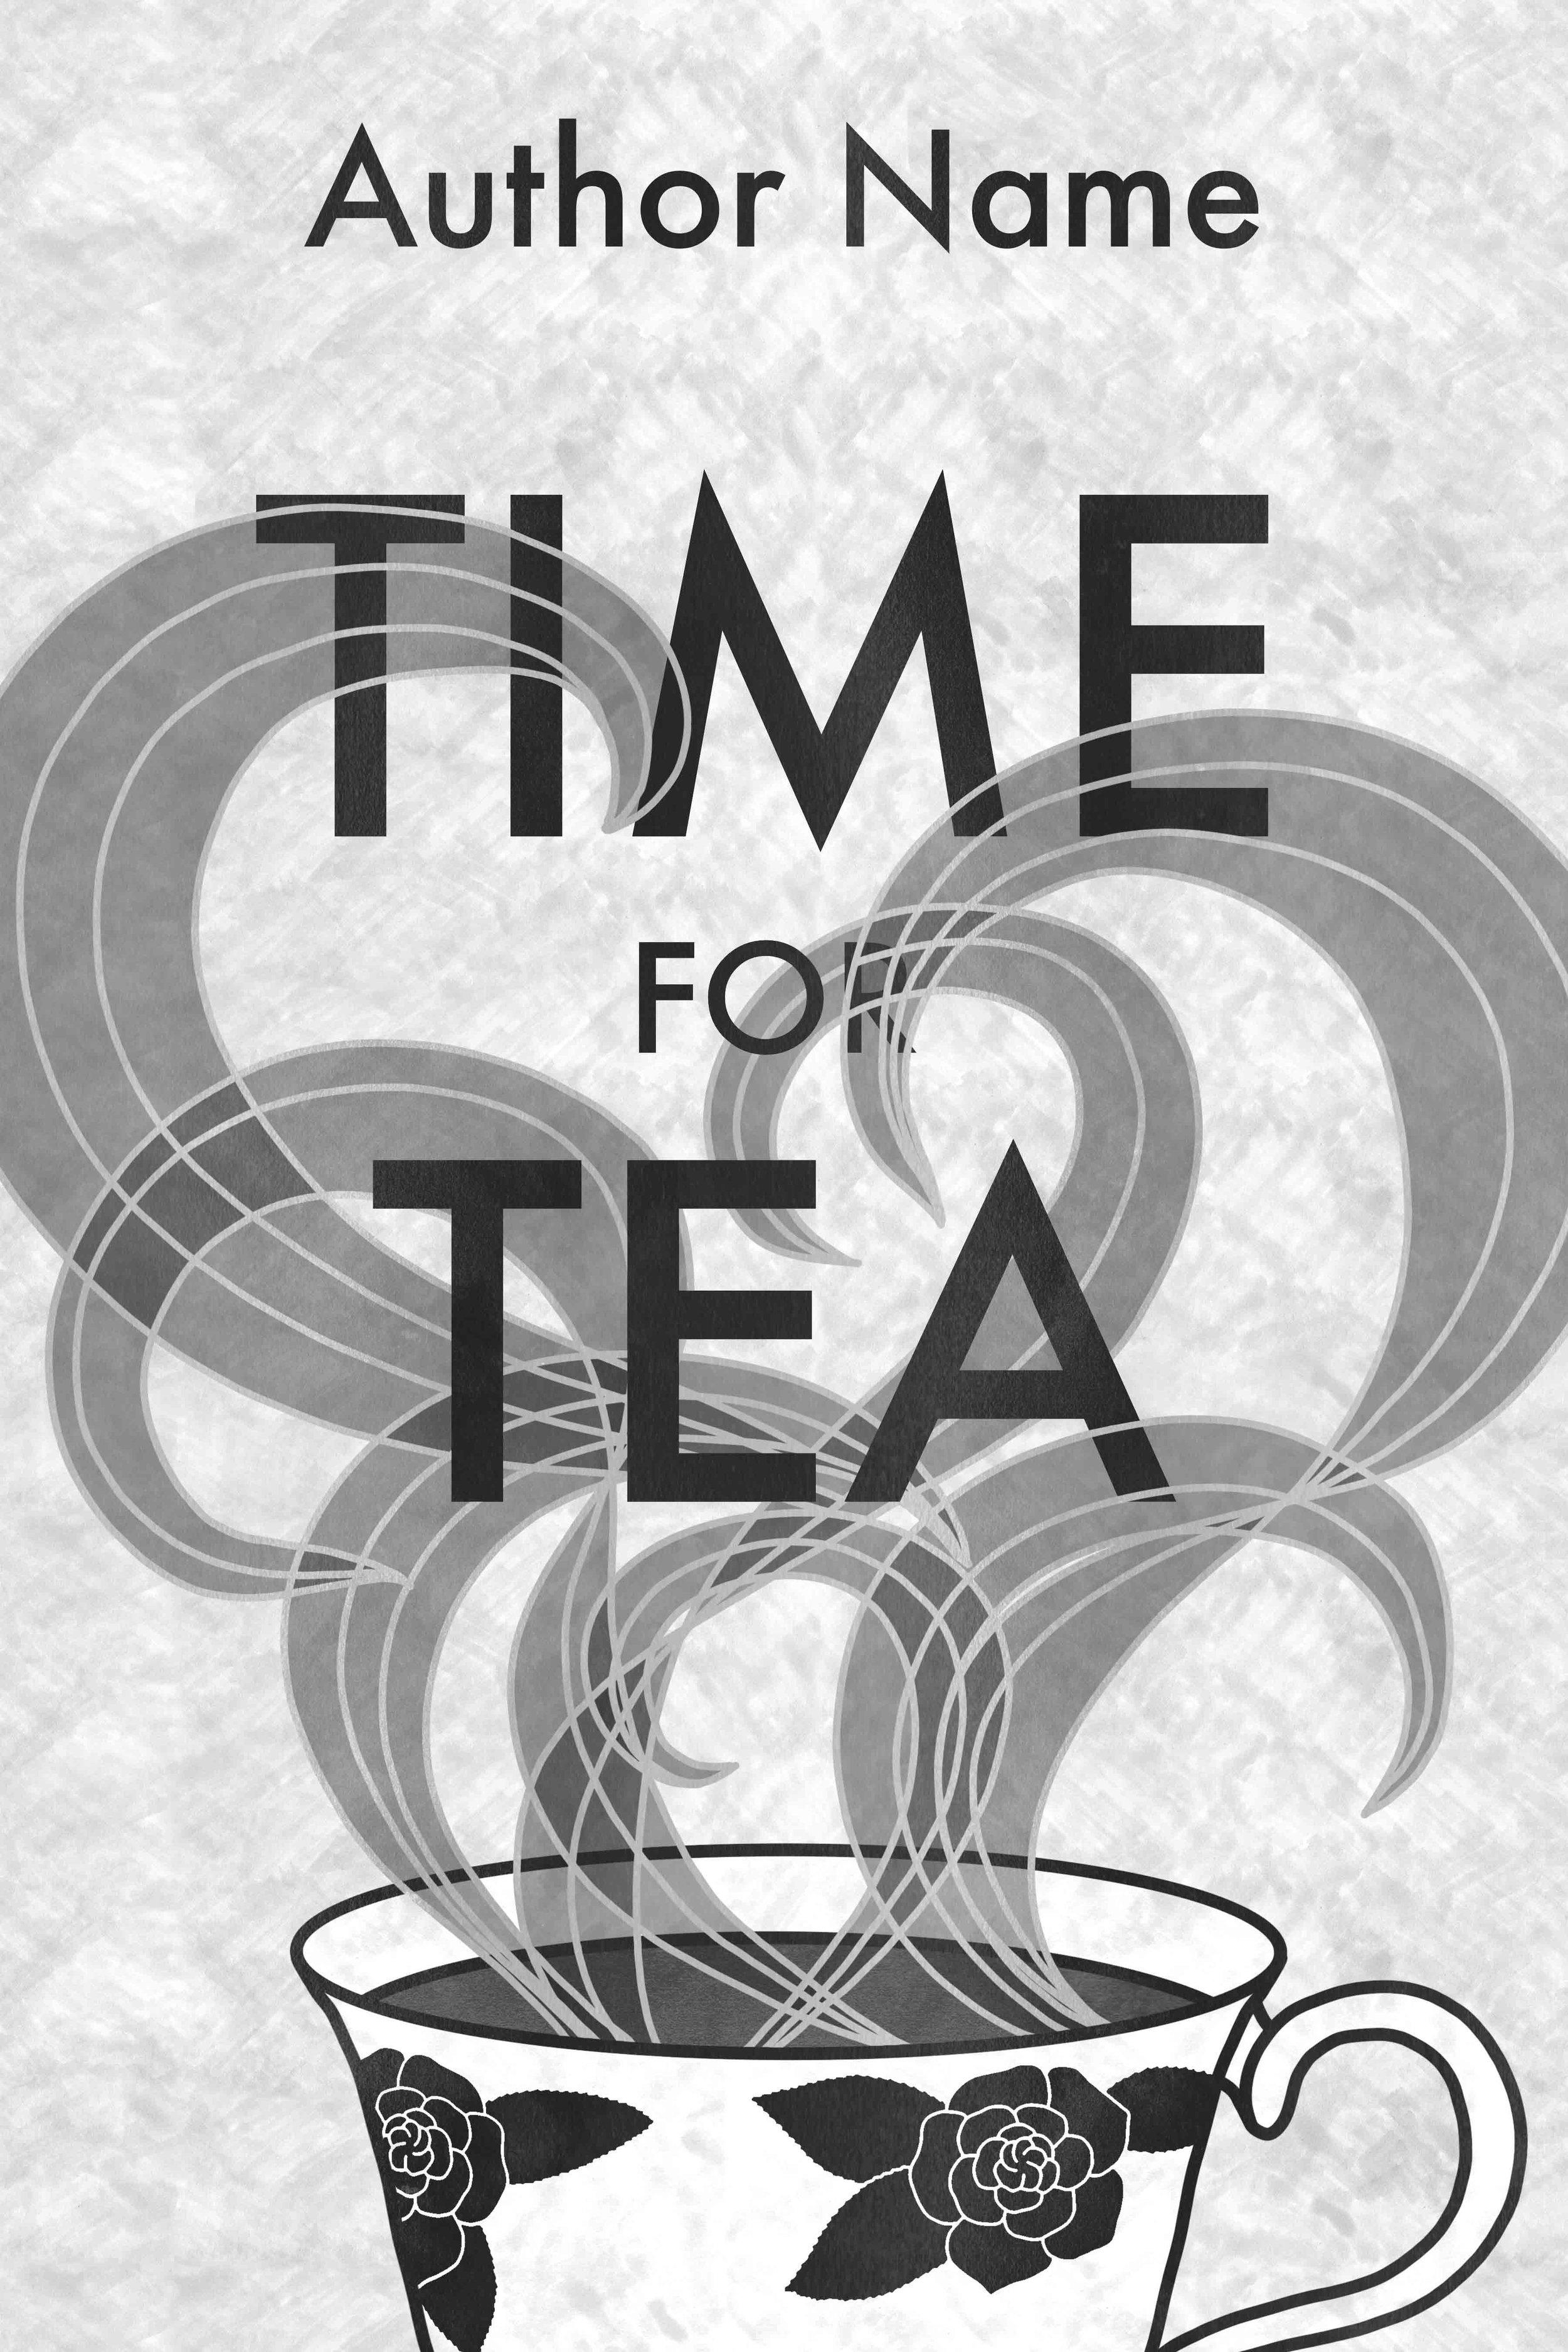 Time_For_Tea 3.jpg